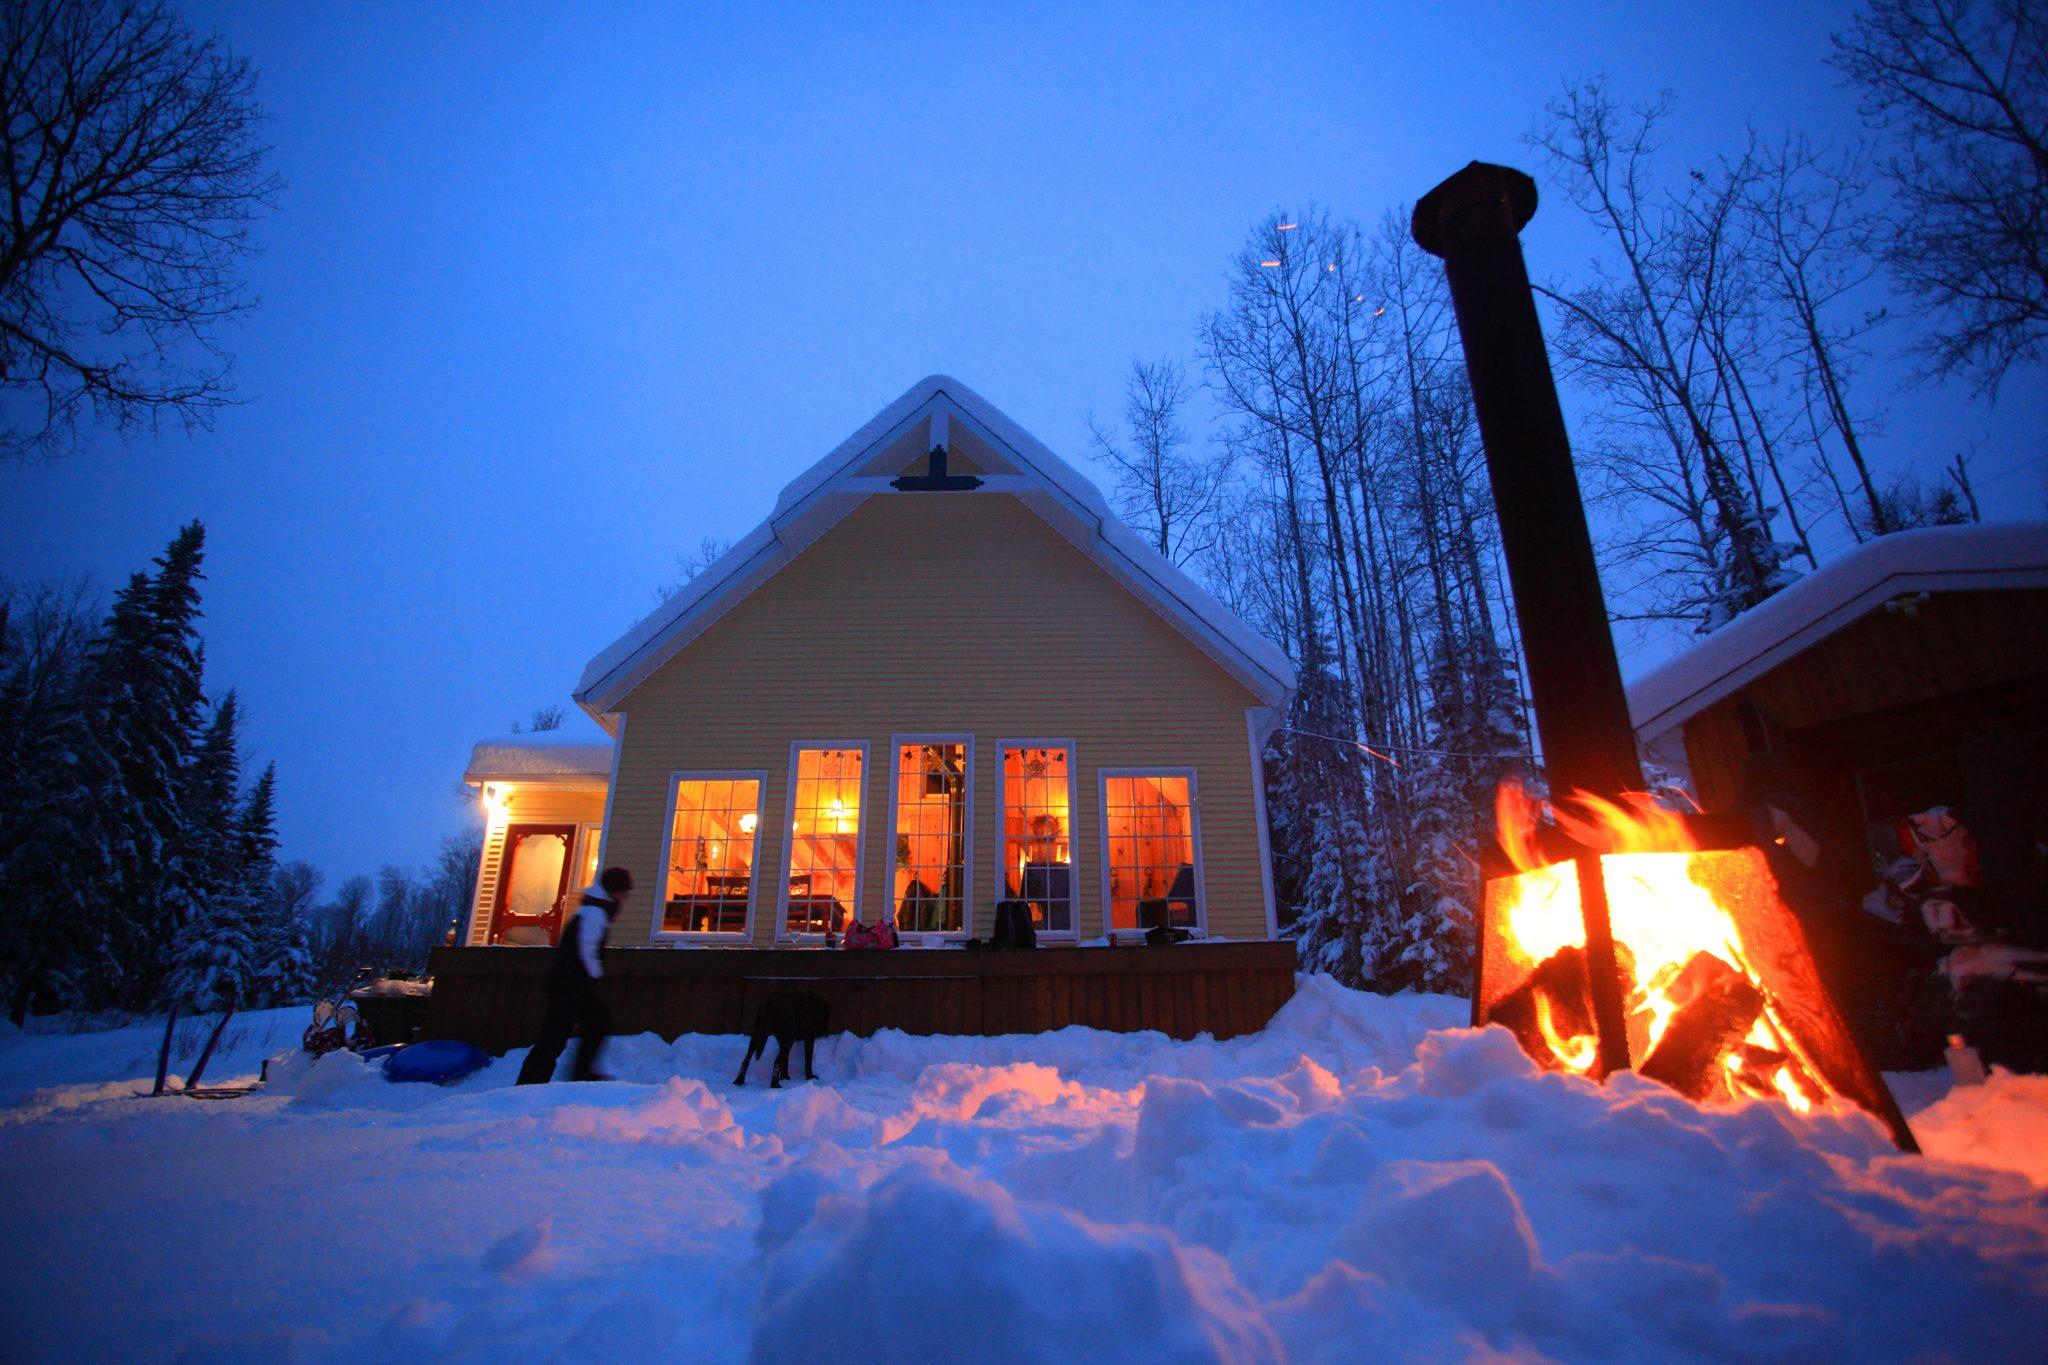 Winter pleasures